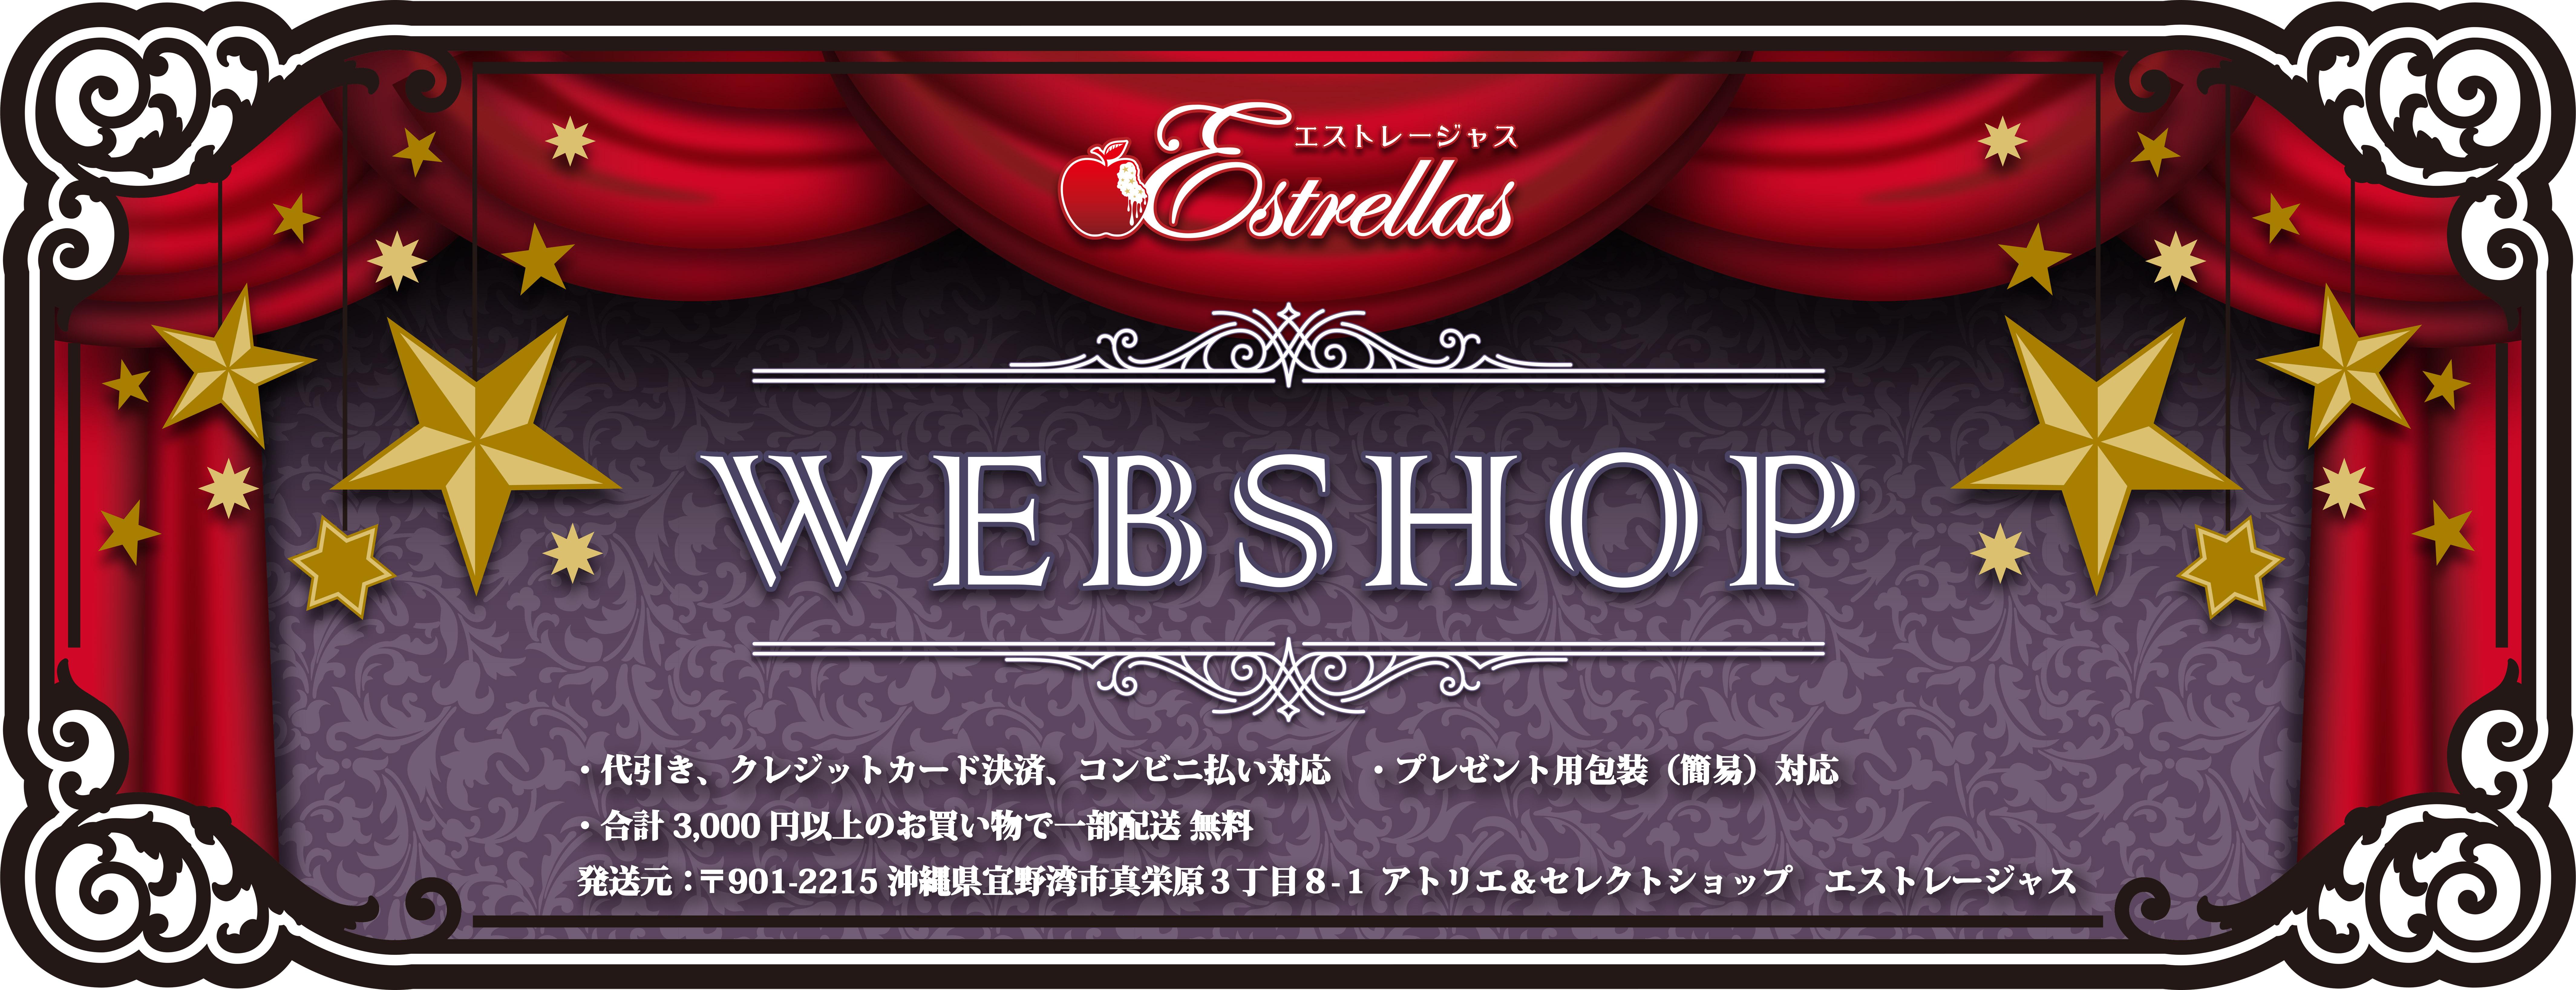 ◆ Estrellas Webshop ◆